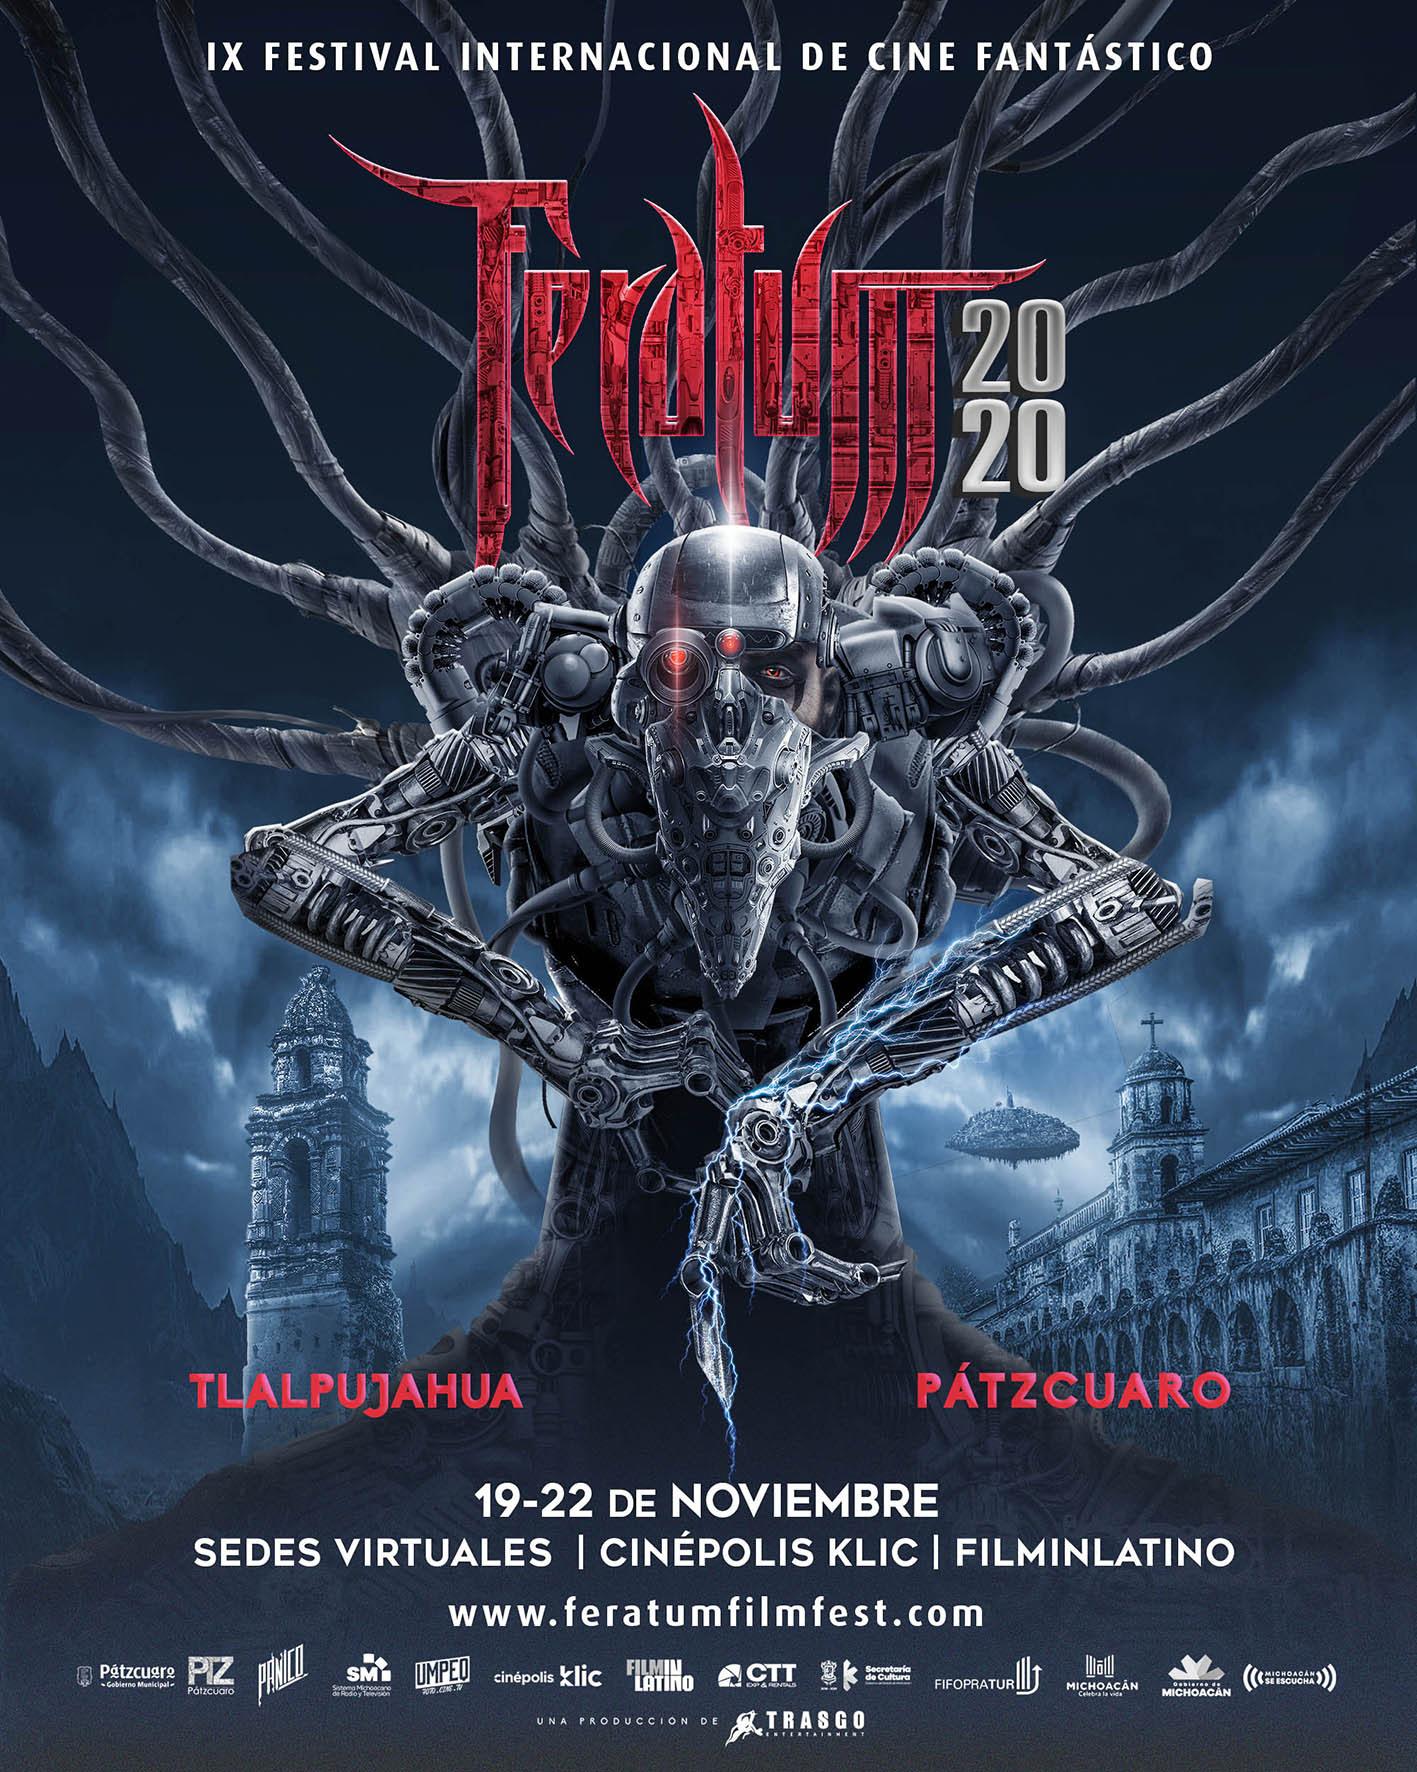 FERATUM se realizará del 19 al 22 de noviembre en Tlalpujahua y Pátzcuaro